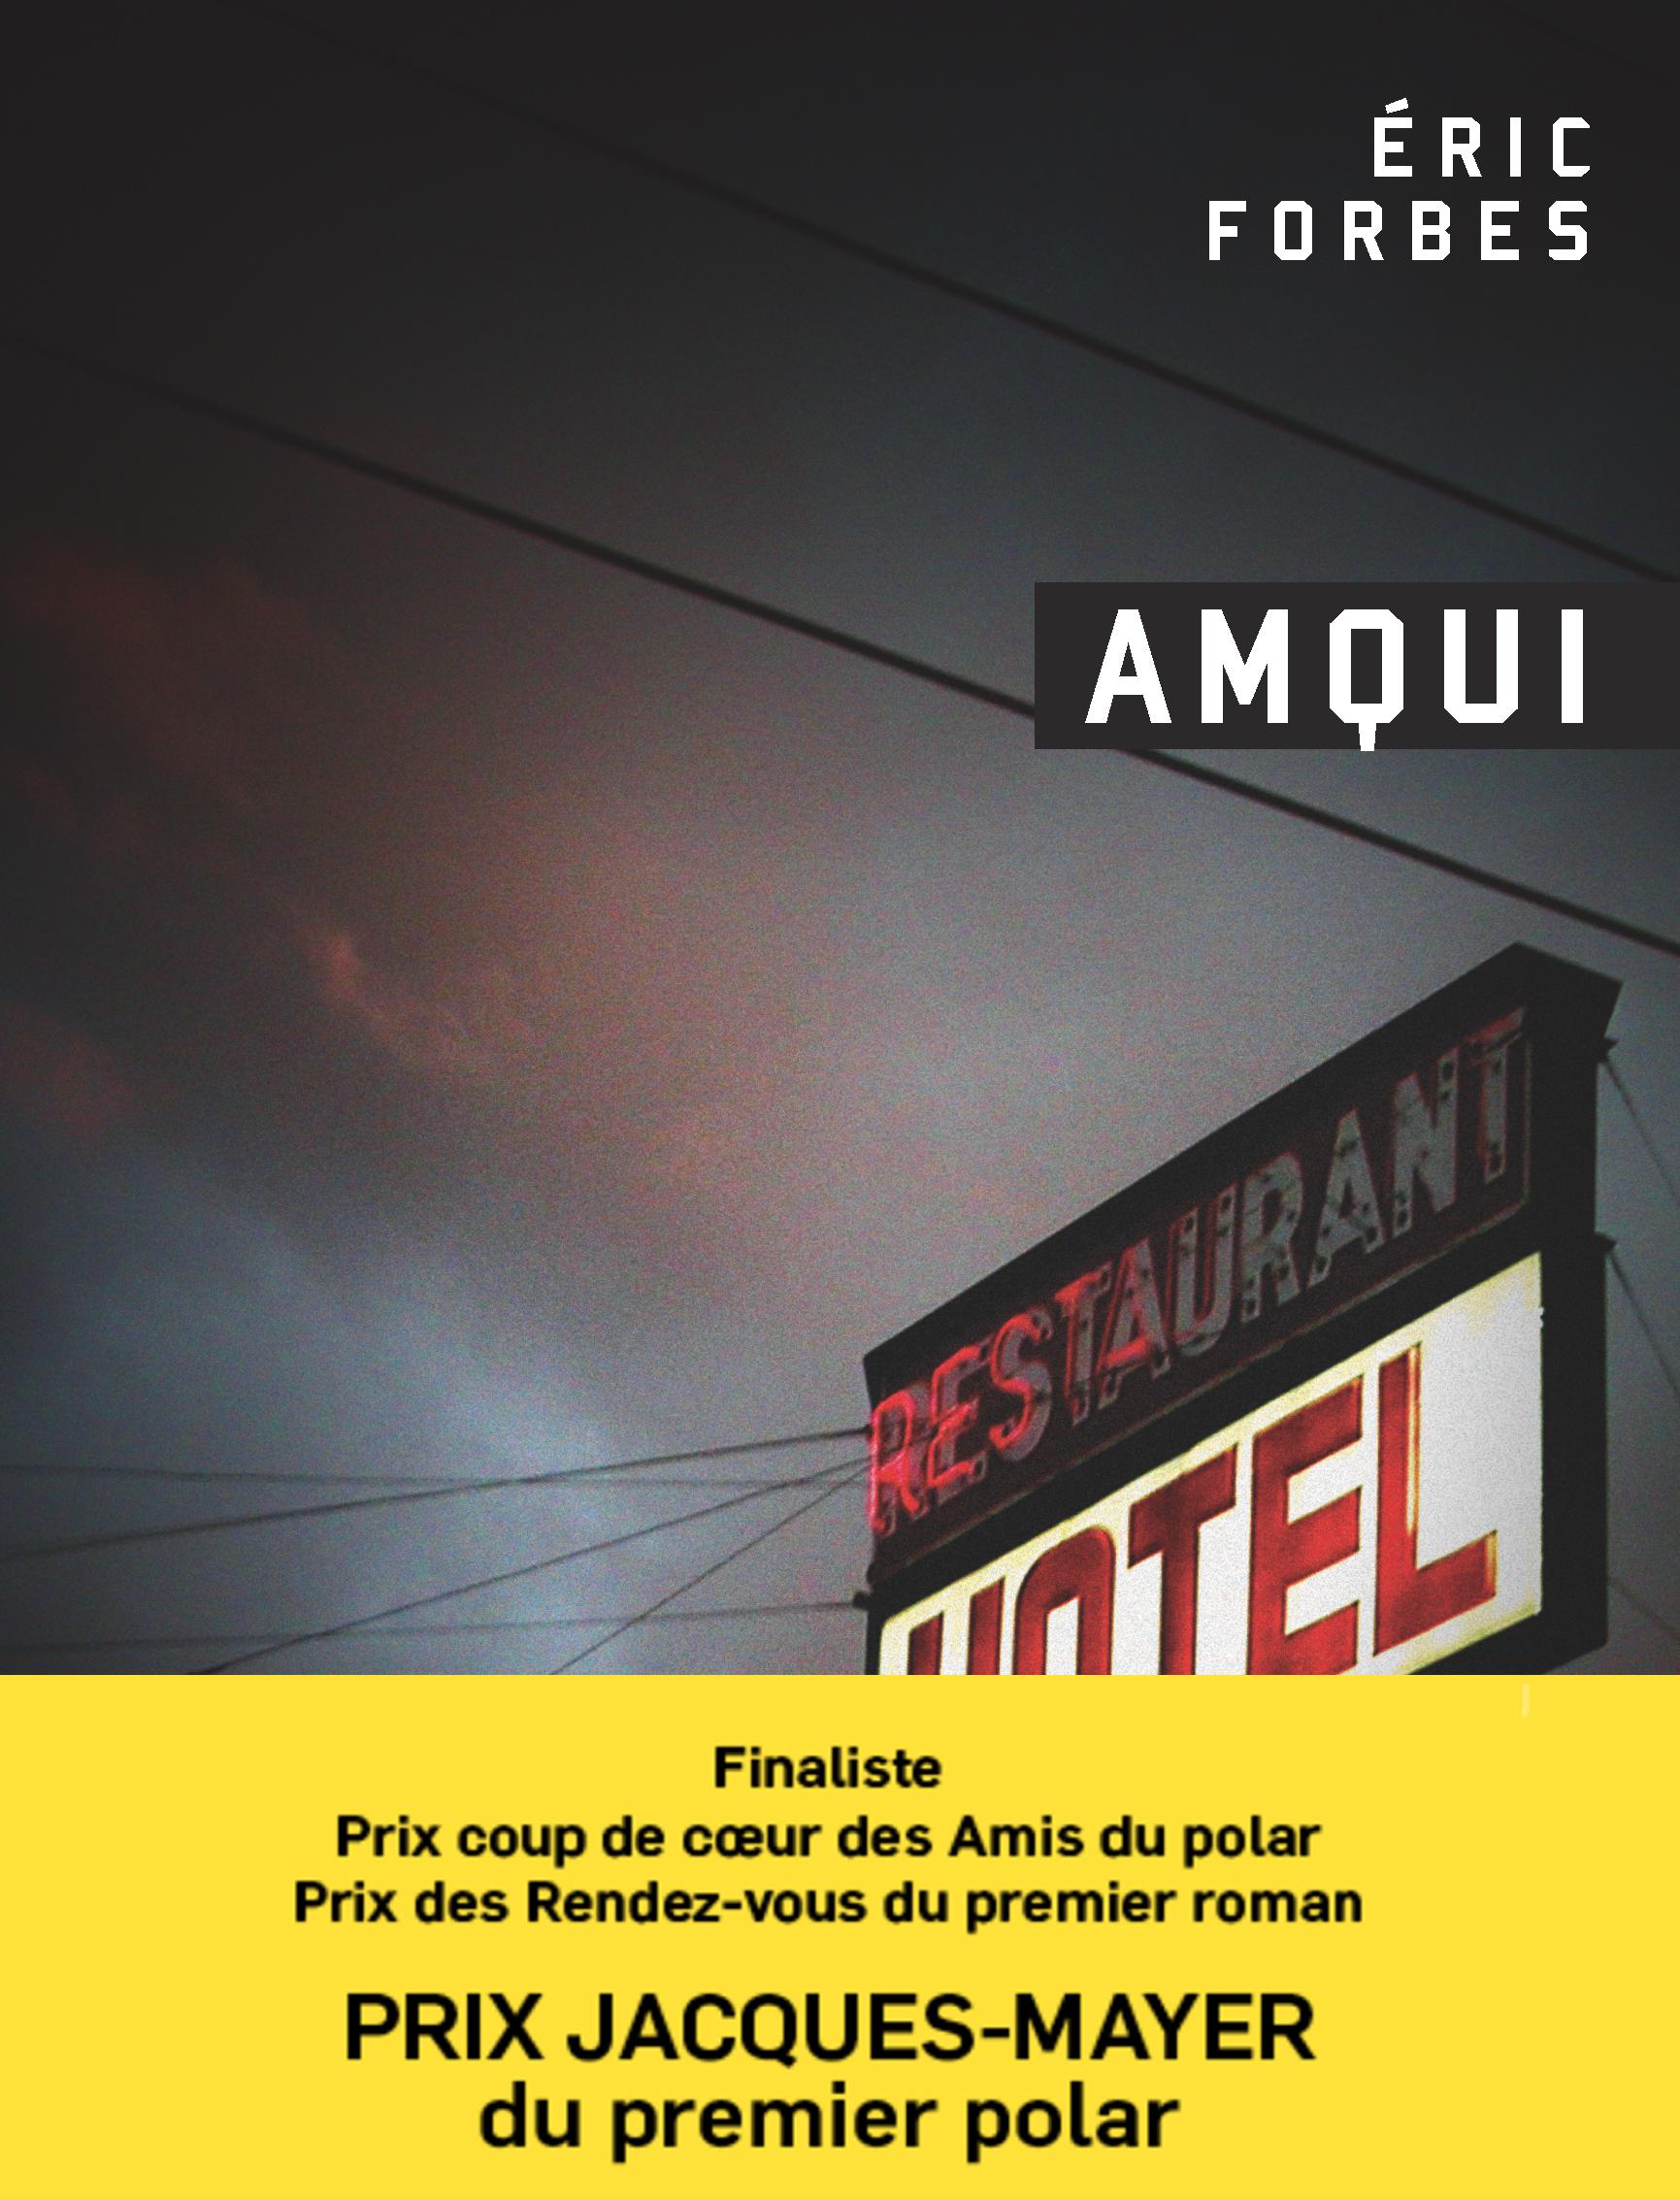 Amqui